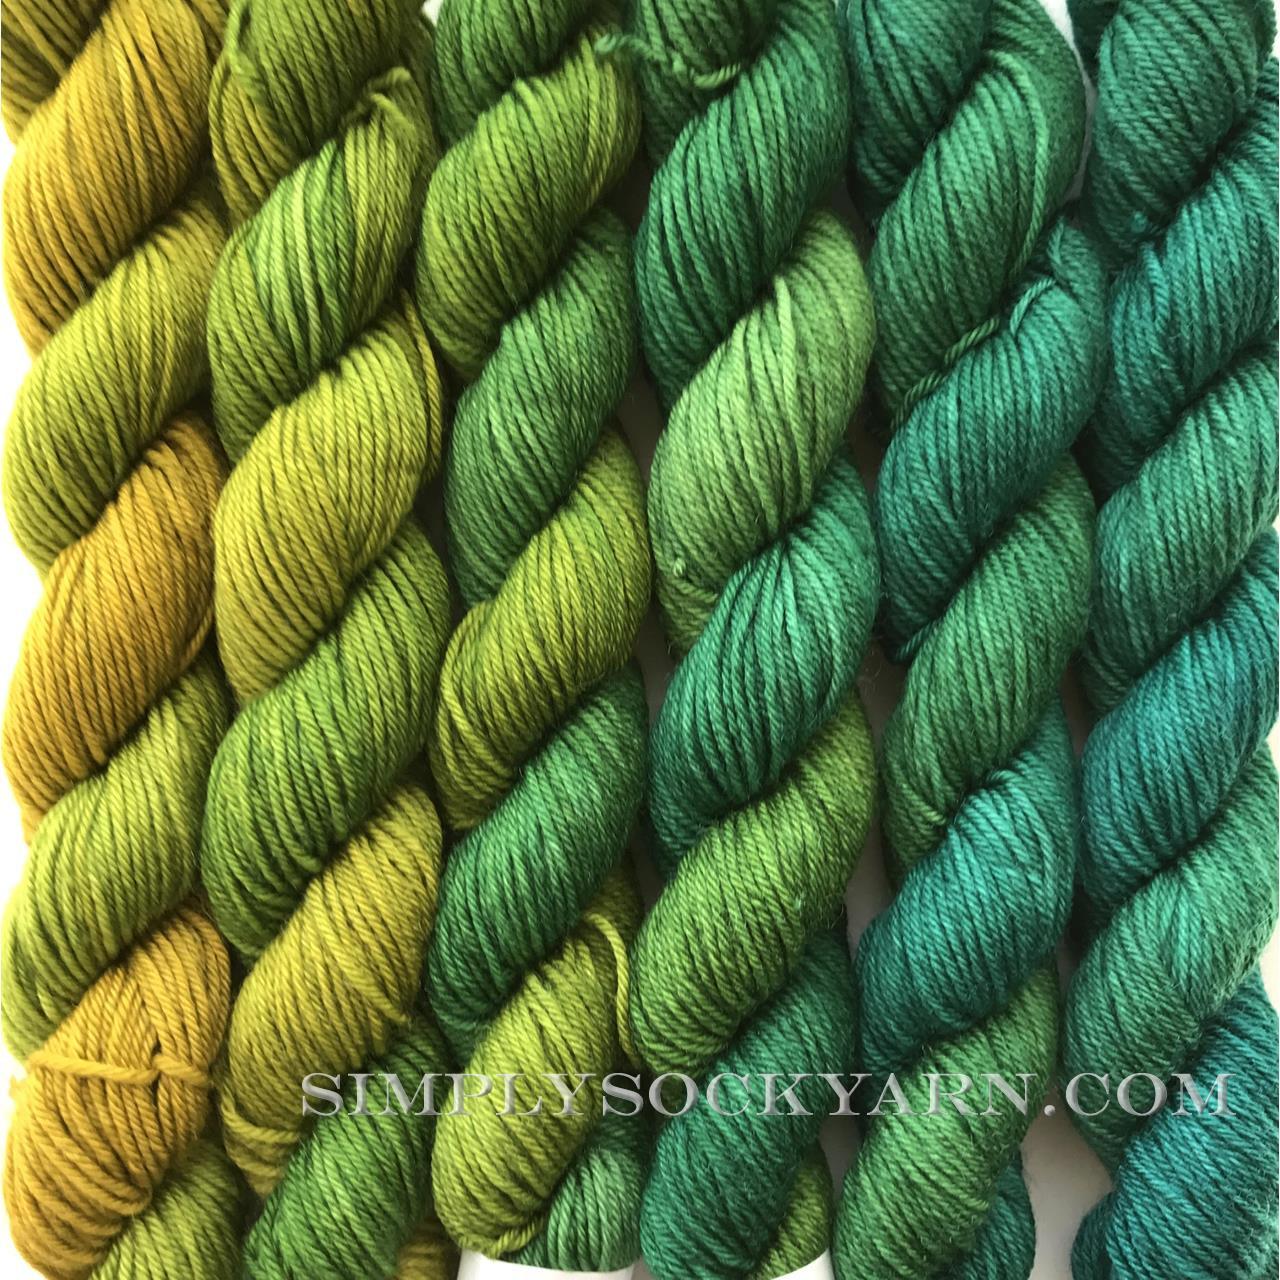 US Gradiance 6-Kiri Spr Grass -